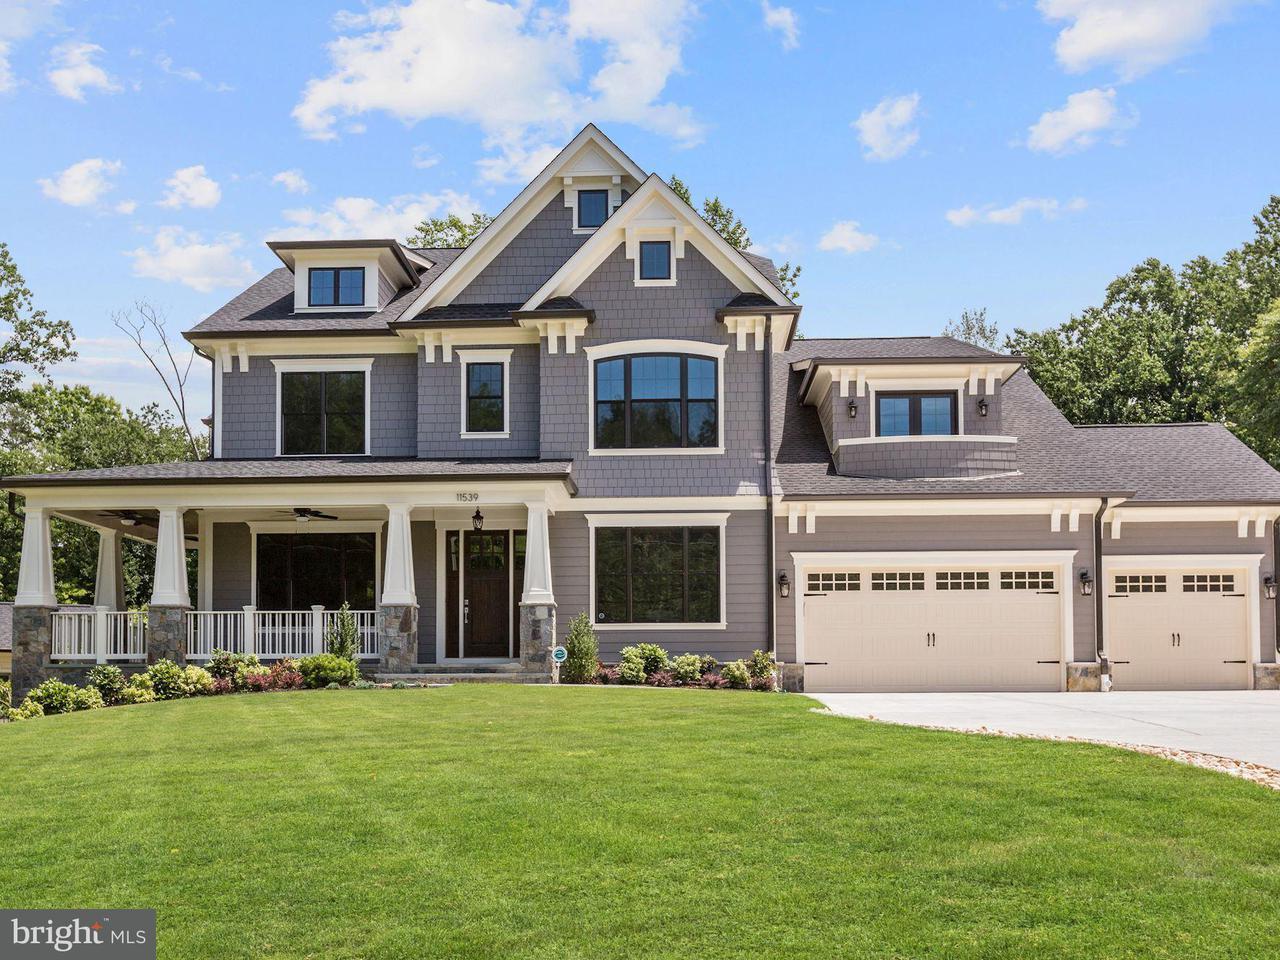 단독 가정 주택 용 매매 에 11539 Cushman Road 11539 Cushman Road Rockville, 메릴랜드 20852 미국